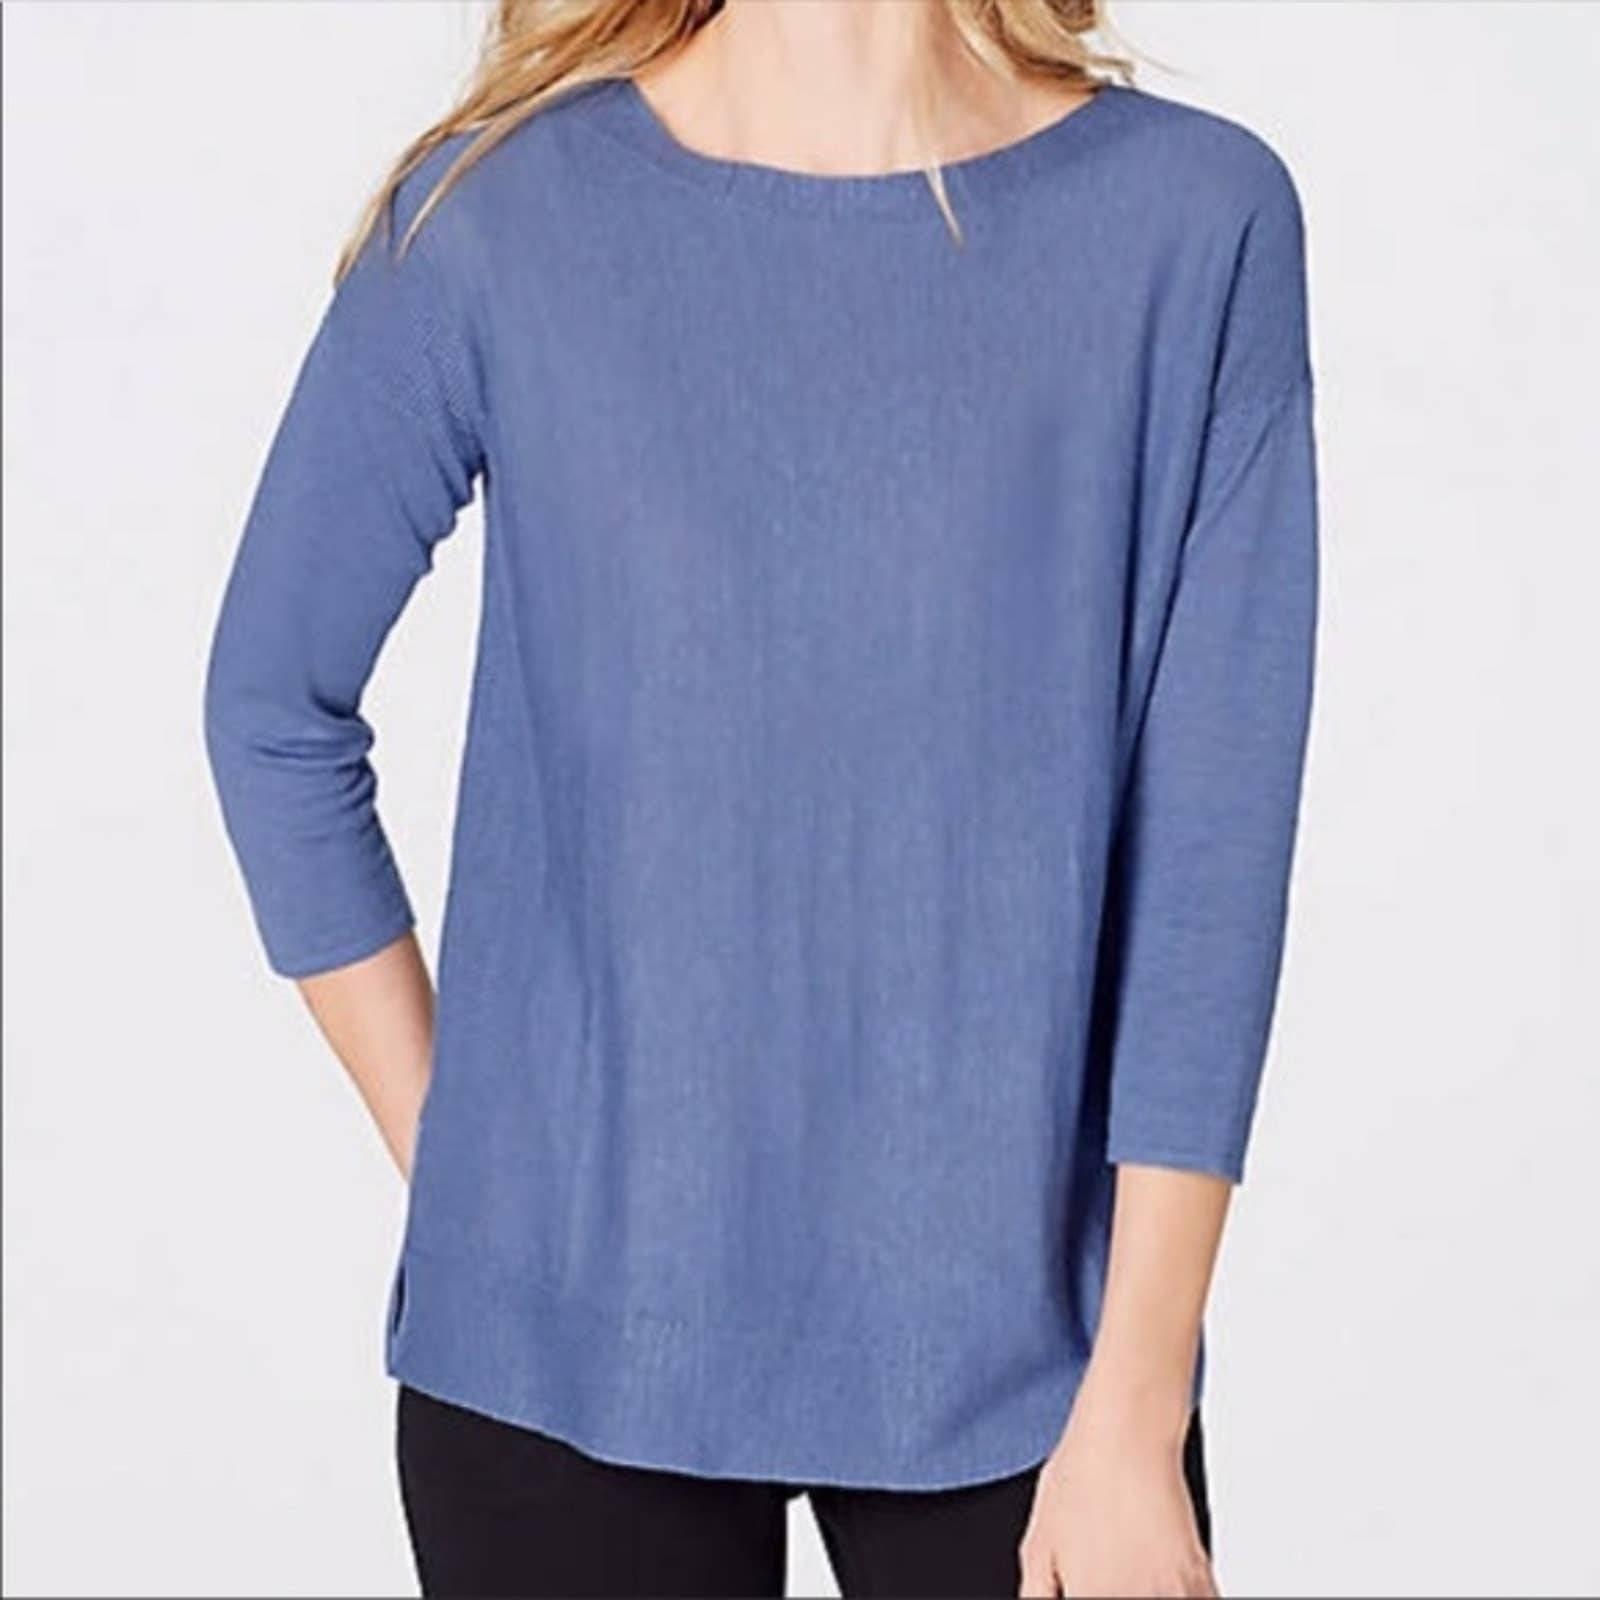 J. Jill Adrienne Boatneck Sweater NWOT